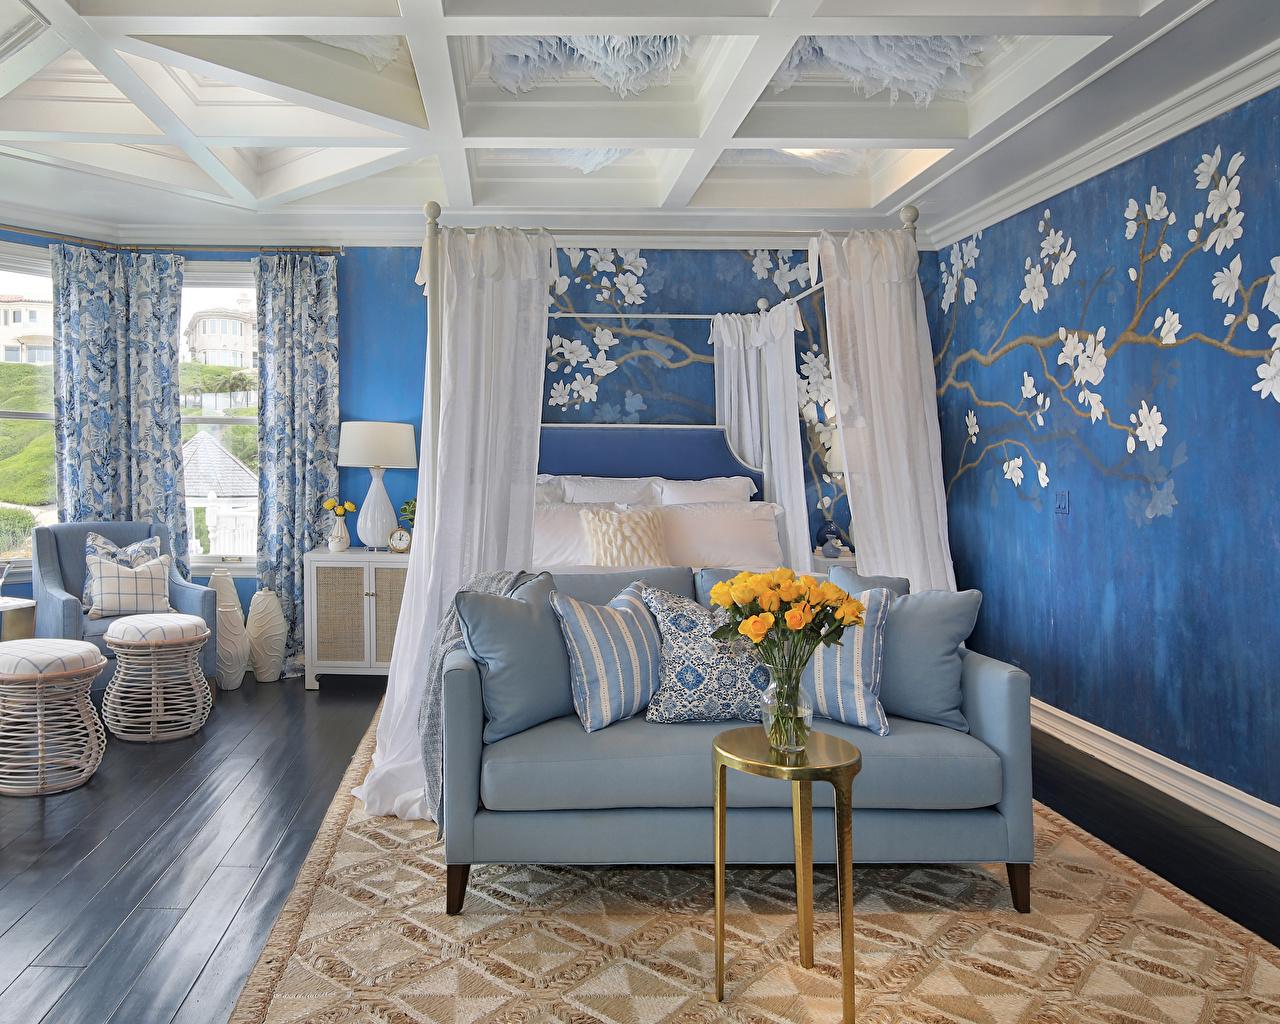 Фото Гостиная Интерьер диване подушка Дизайн гостевая Диван Подушки дизайна